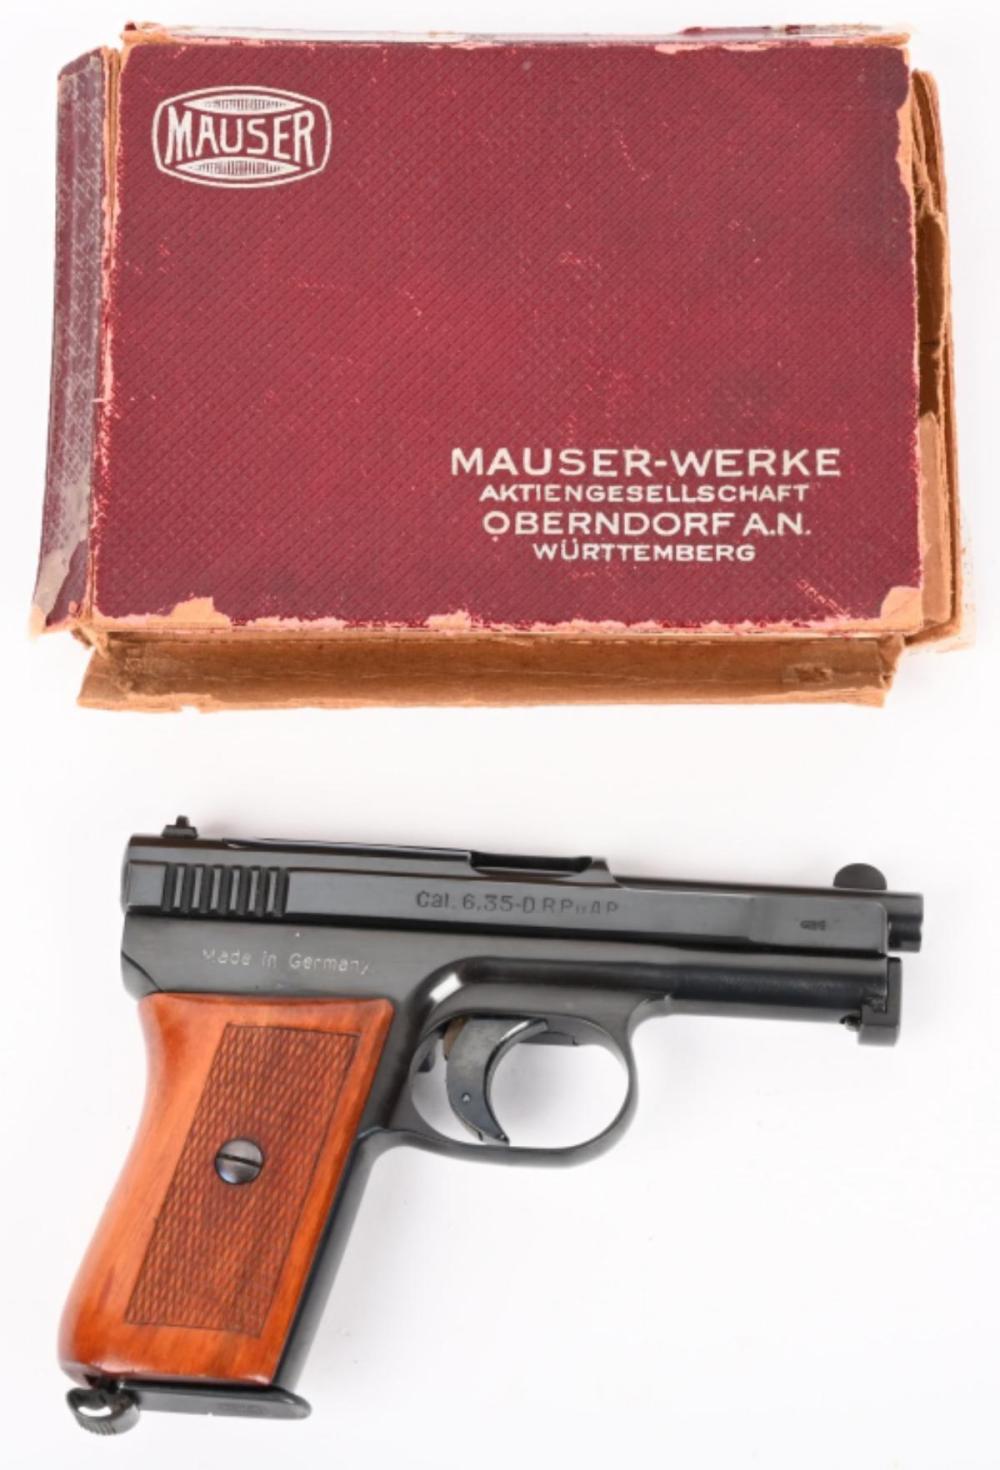 PRISTINE BOXED MAUSER MODEL 1910 PISTOL